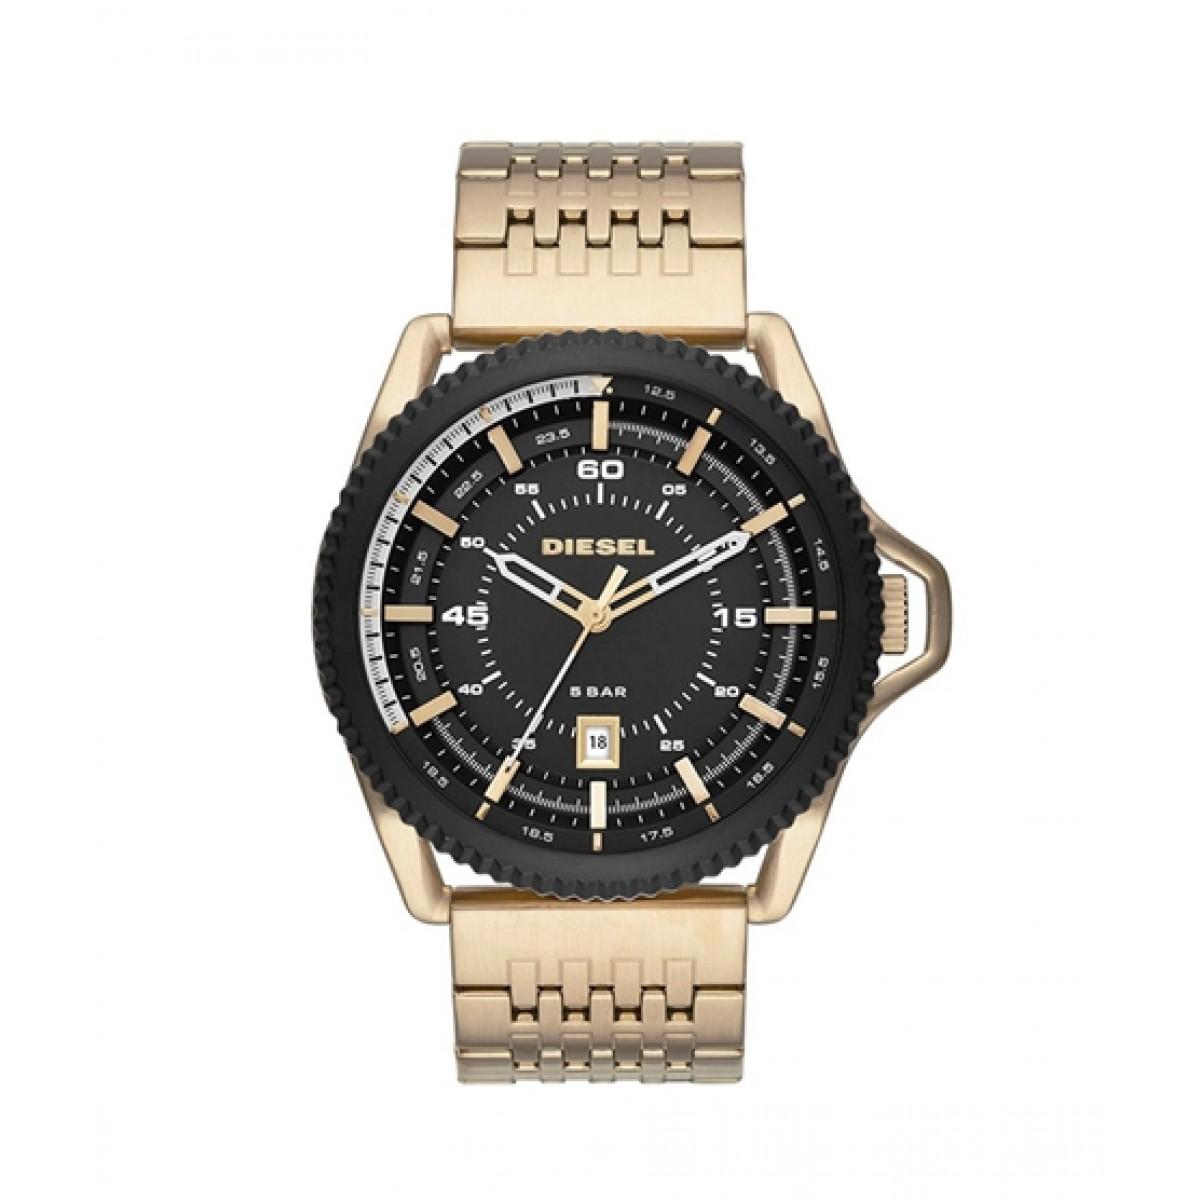 Diesel Rollcage Men's Watch Gold (DZ1789)